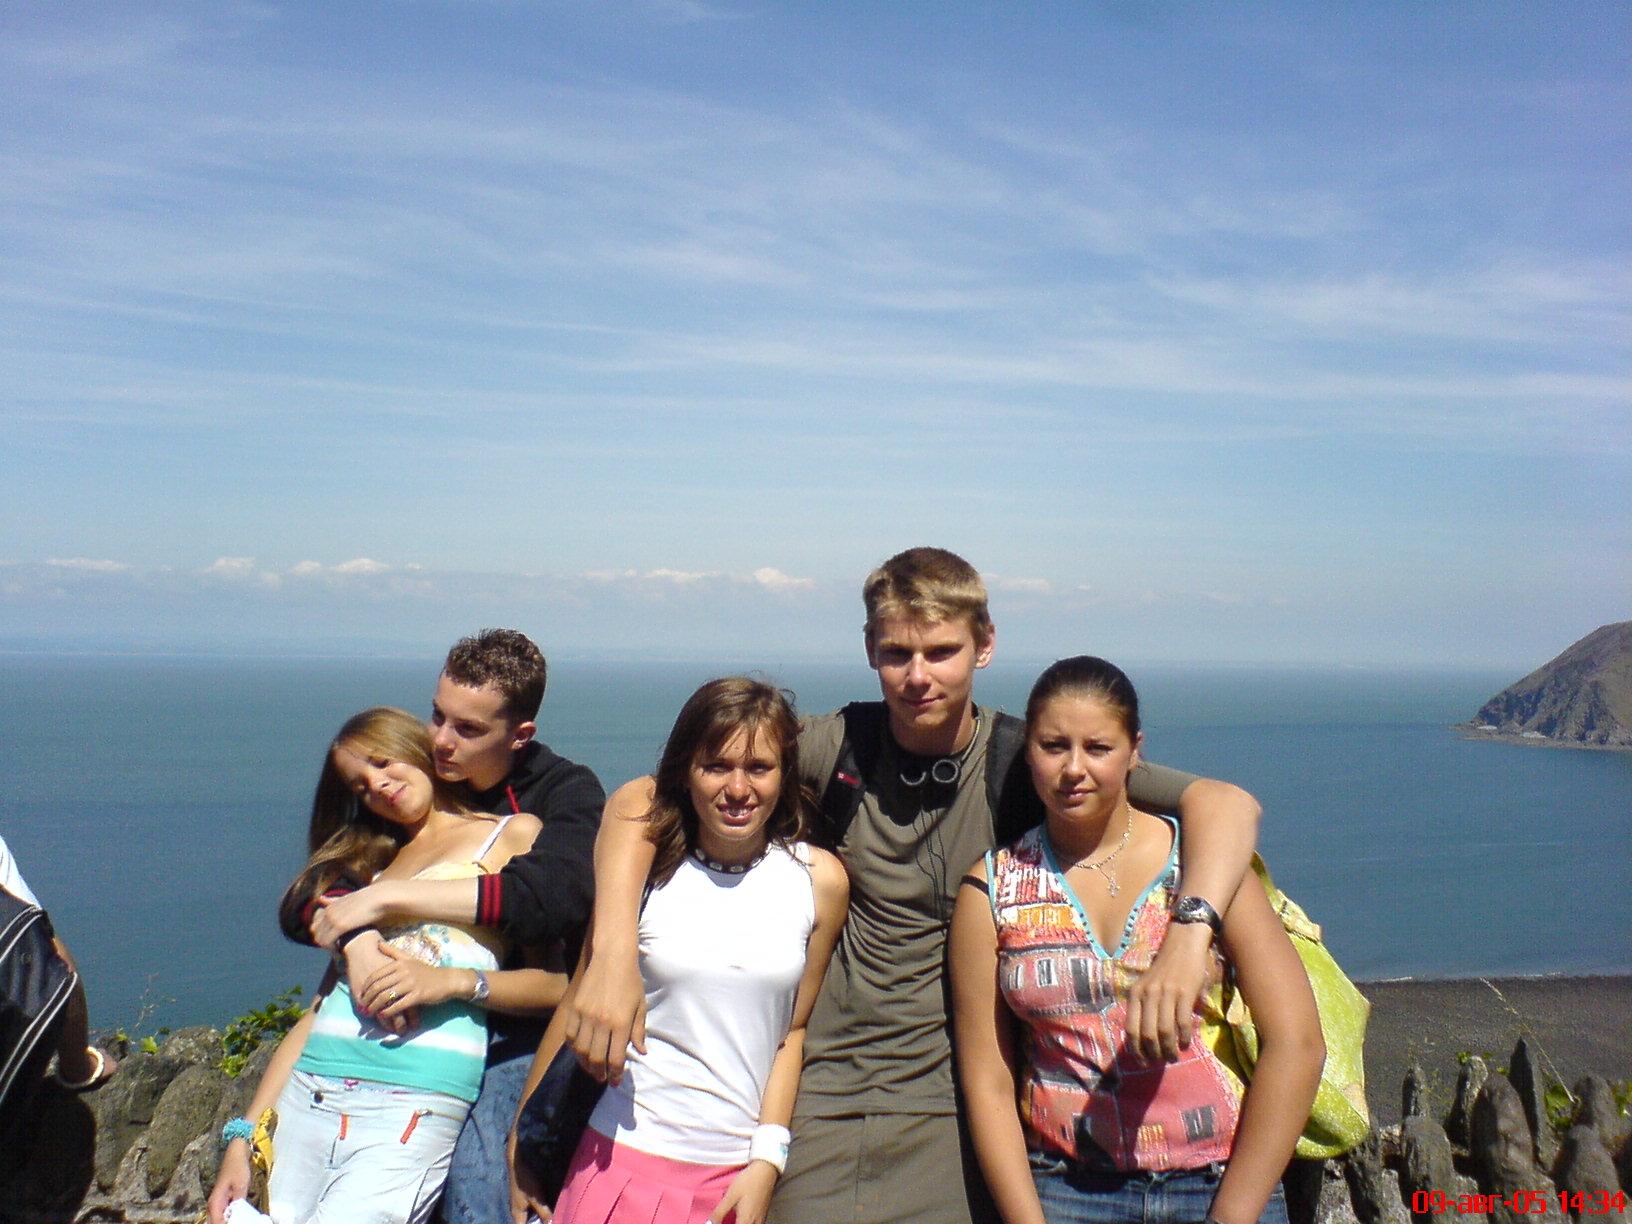 Чешские Нудисты-натуристы Семейные Онлайн Без Регистрации